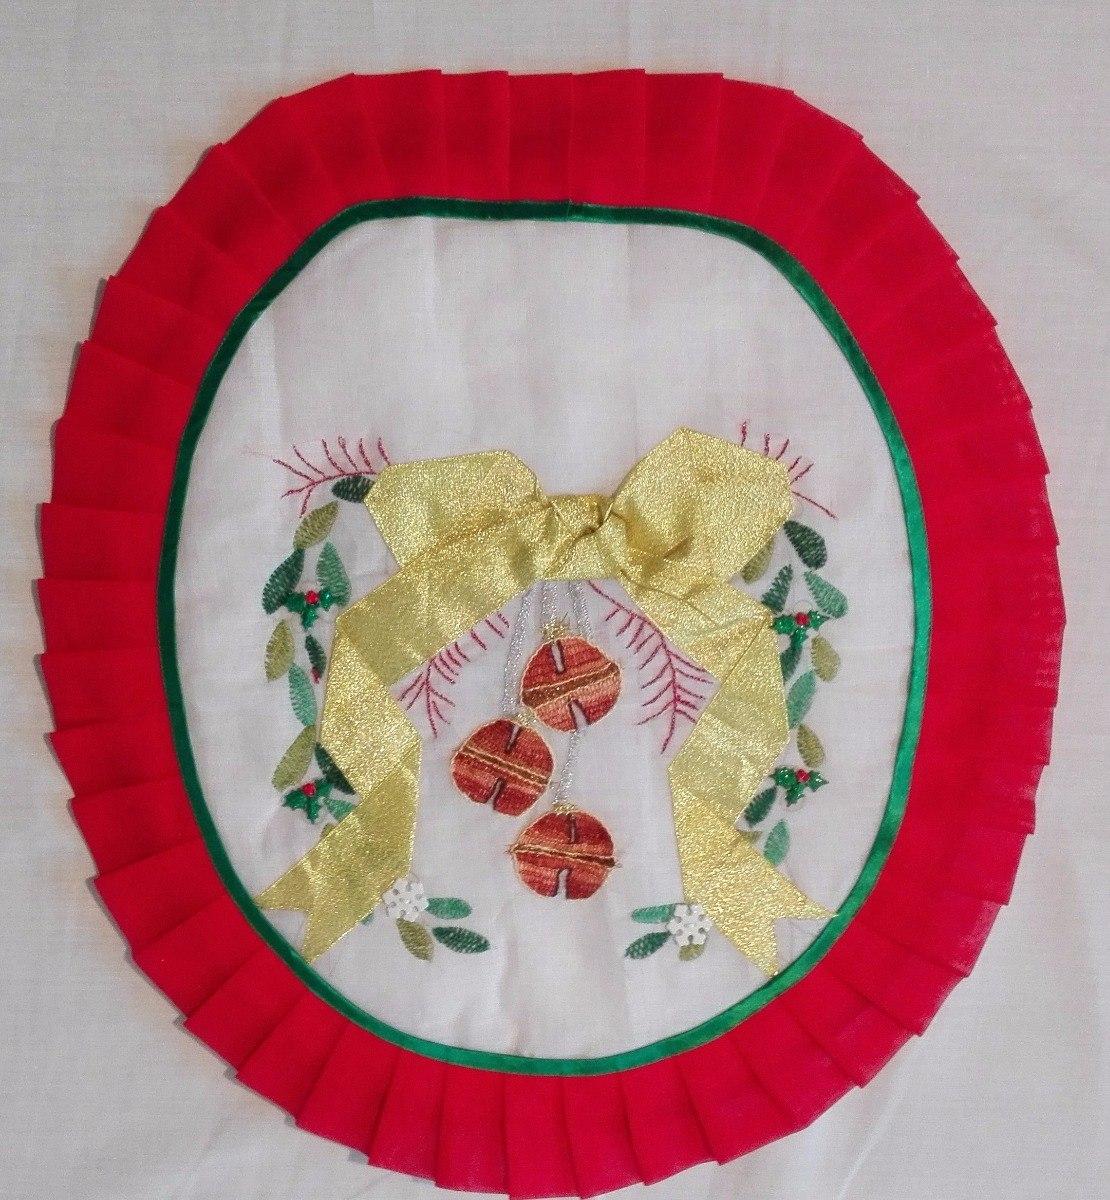 Juegos De Bano Navidad Hecho A Mano 3 Piezas 650 00 En Mercado